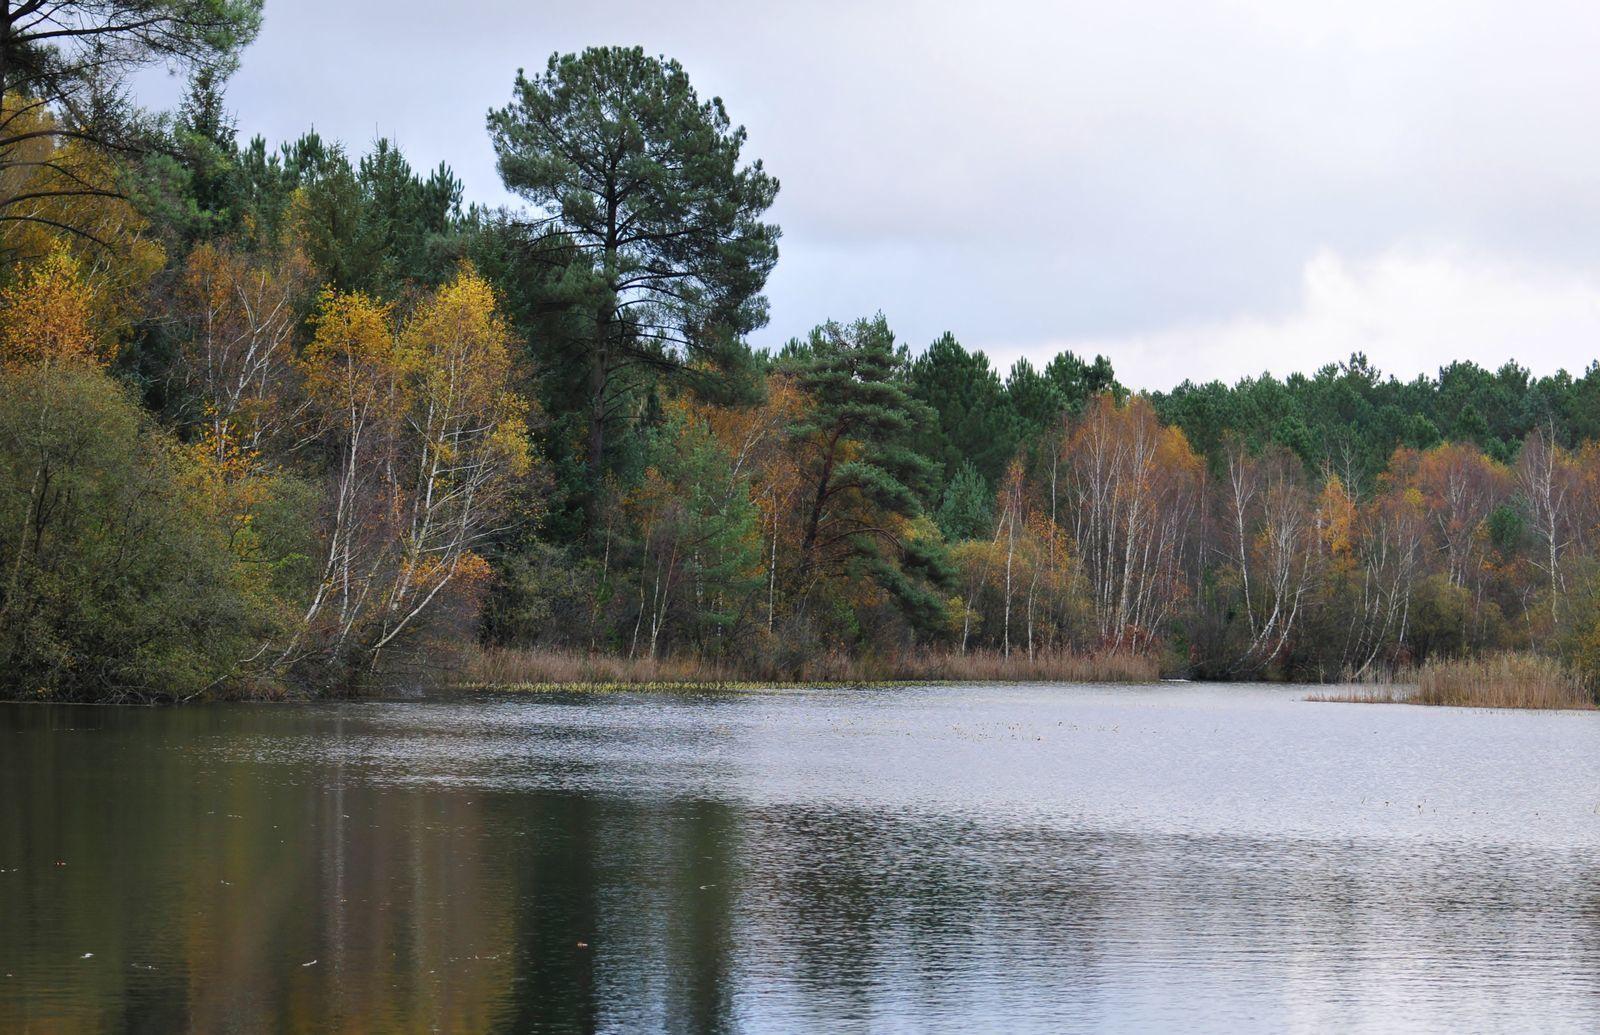 Couleurs d'automne sur l'étang de la Gardonnière.